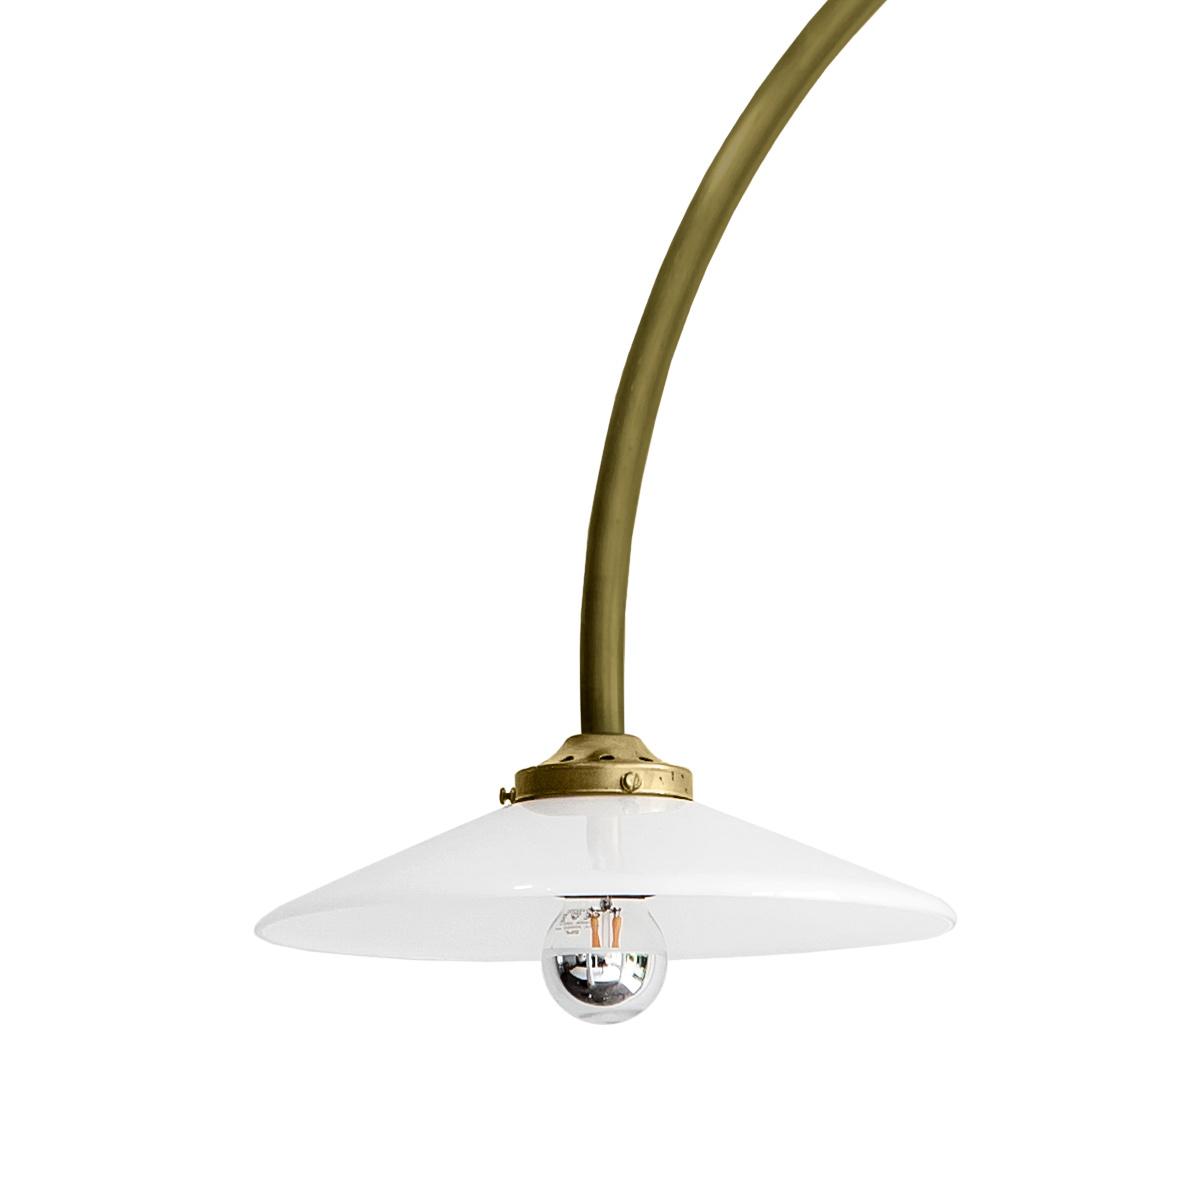 Hanging Lamp No. 2-9